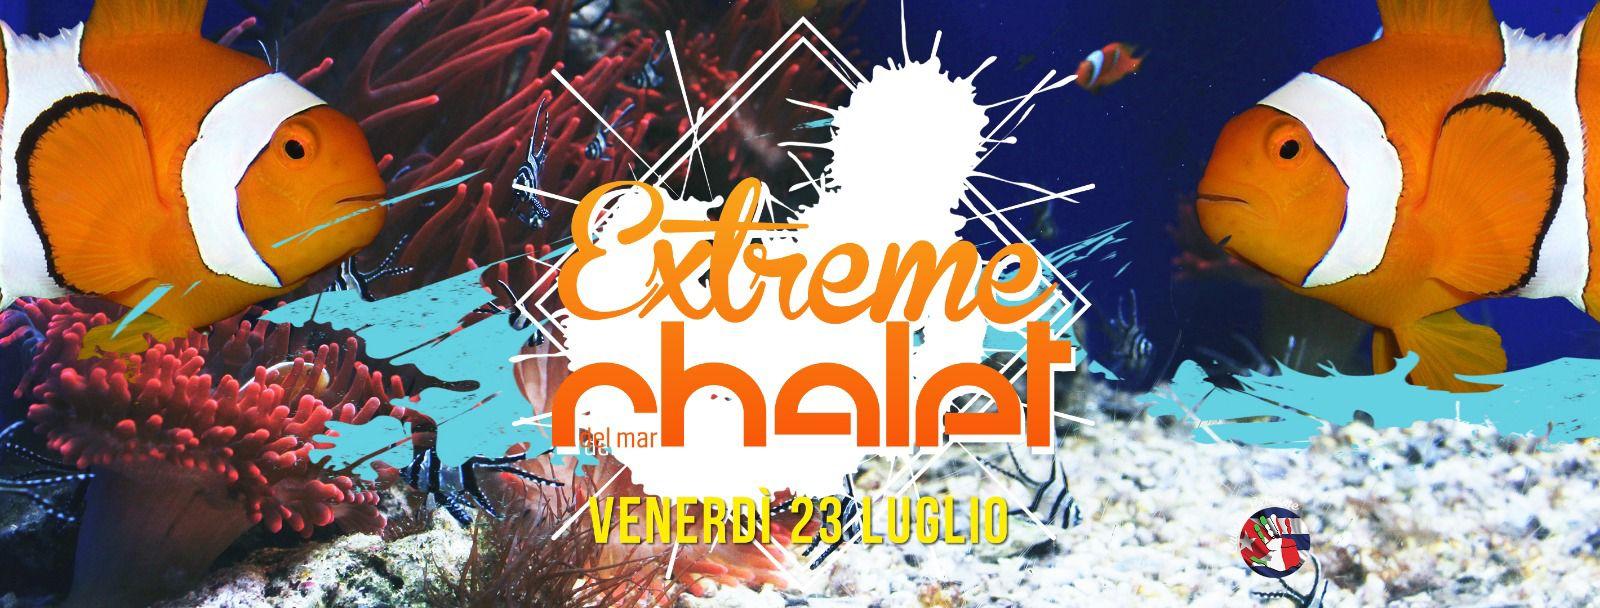 Aperitivo, cena e dopocena con Extreme, Chalet Del Mar